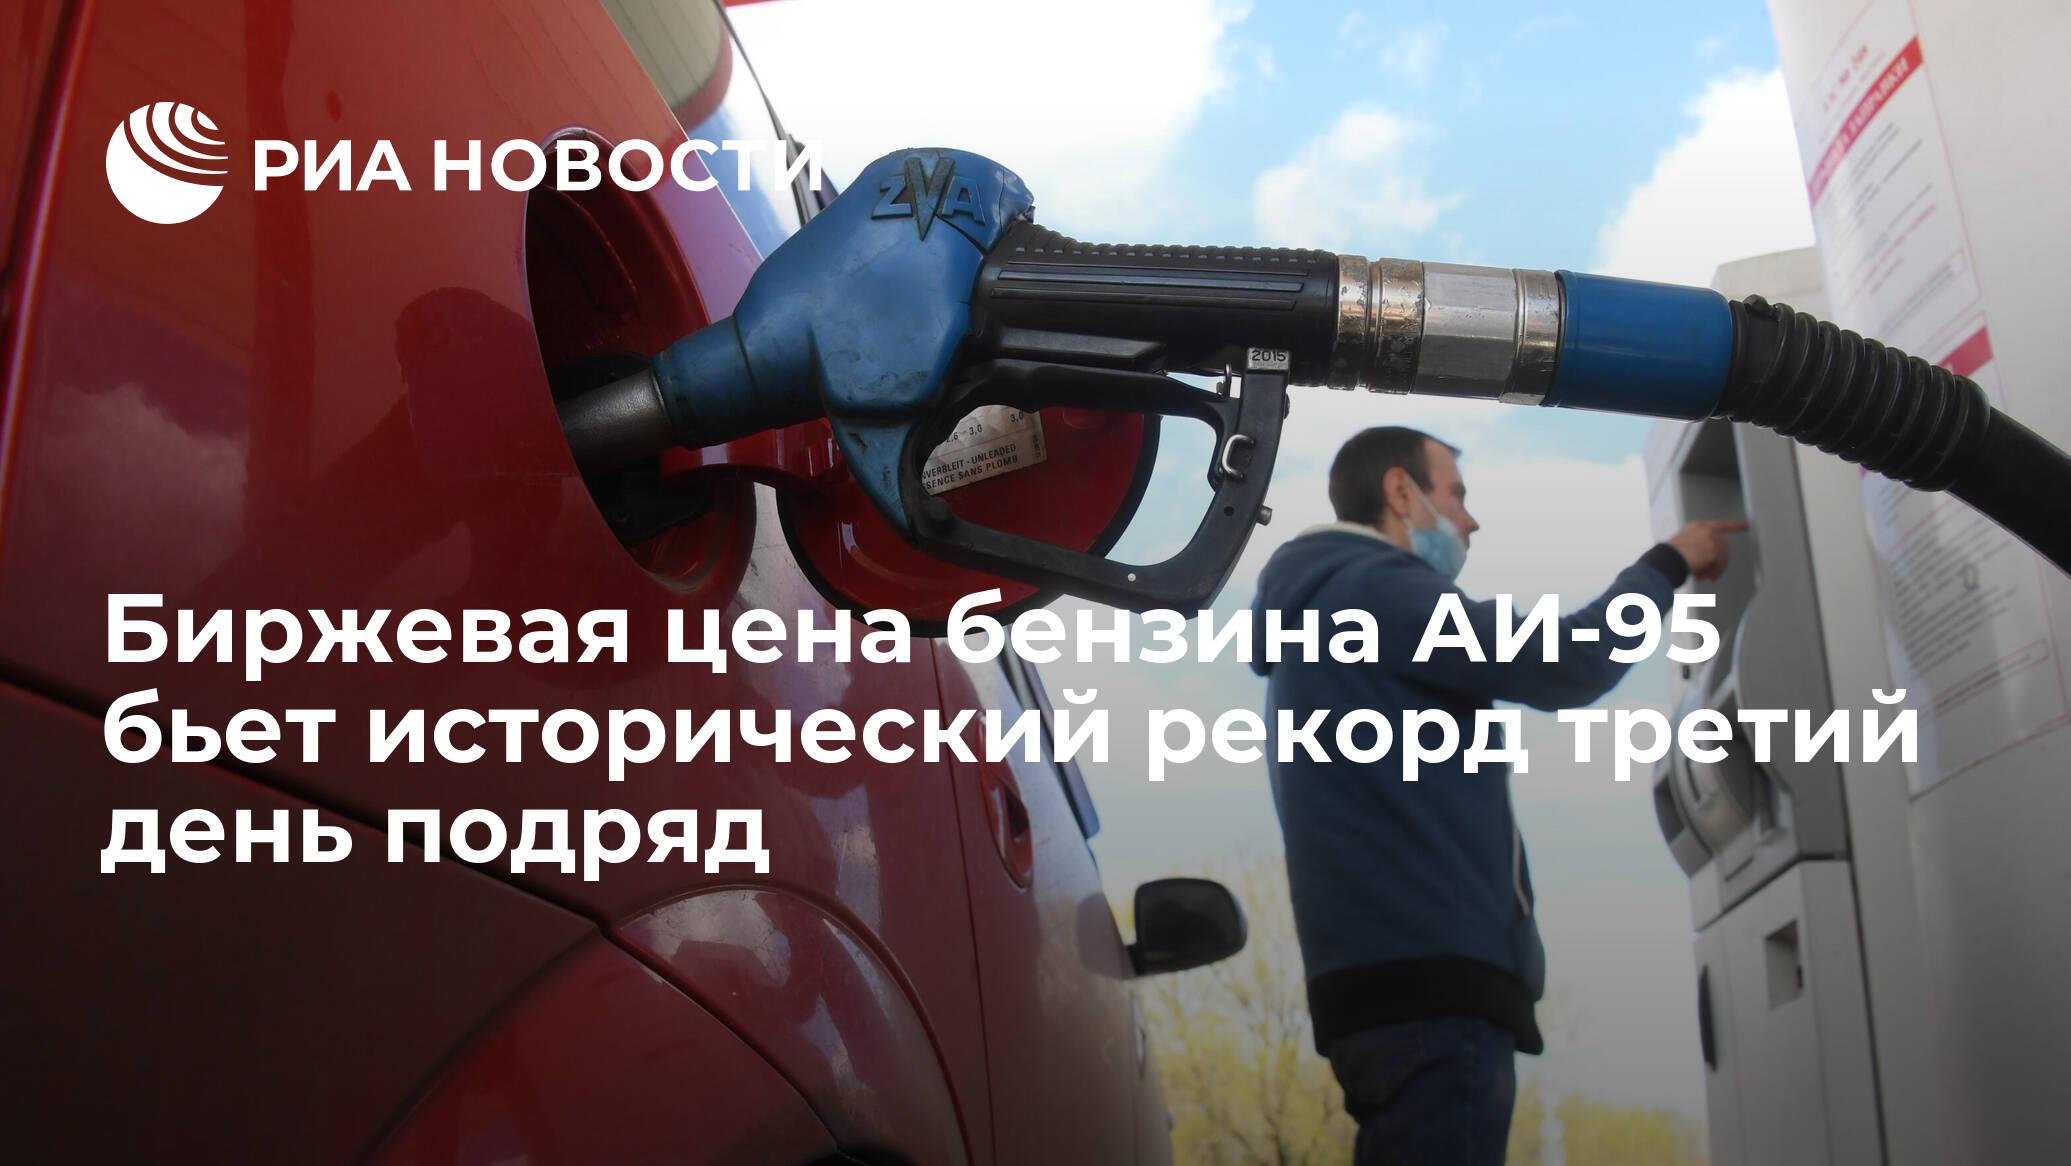 Биржевая цена бензина АИ-95 бьет исторический рекорд третий день подряд - РИА НОВОСТИ